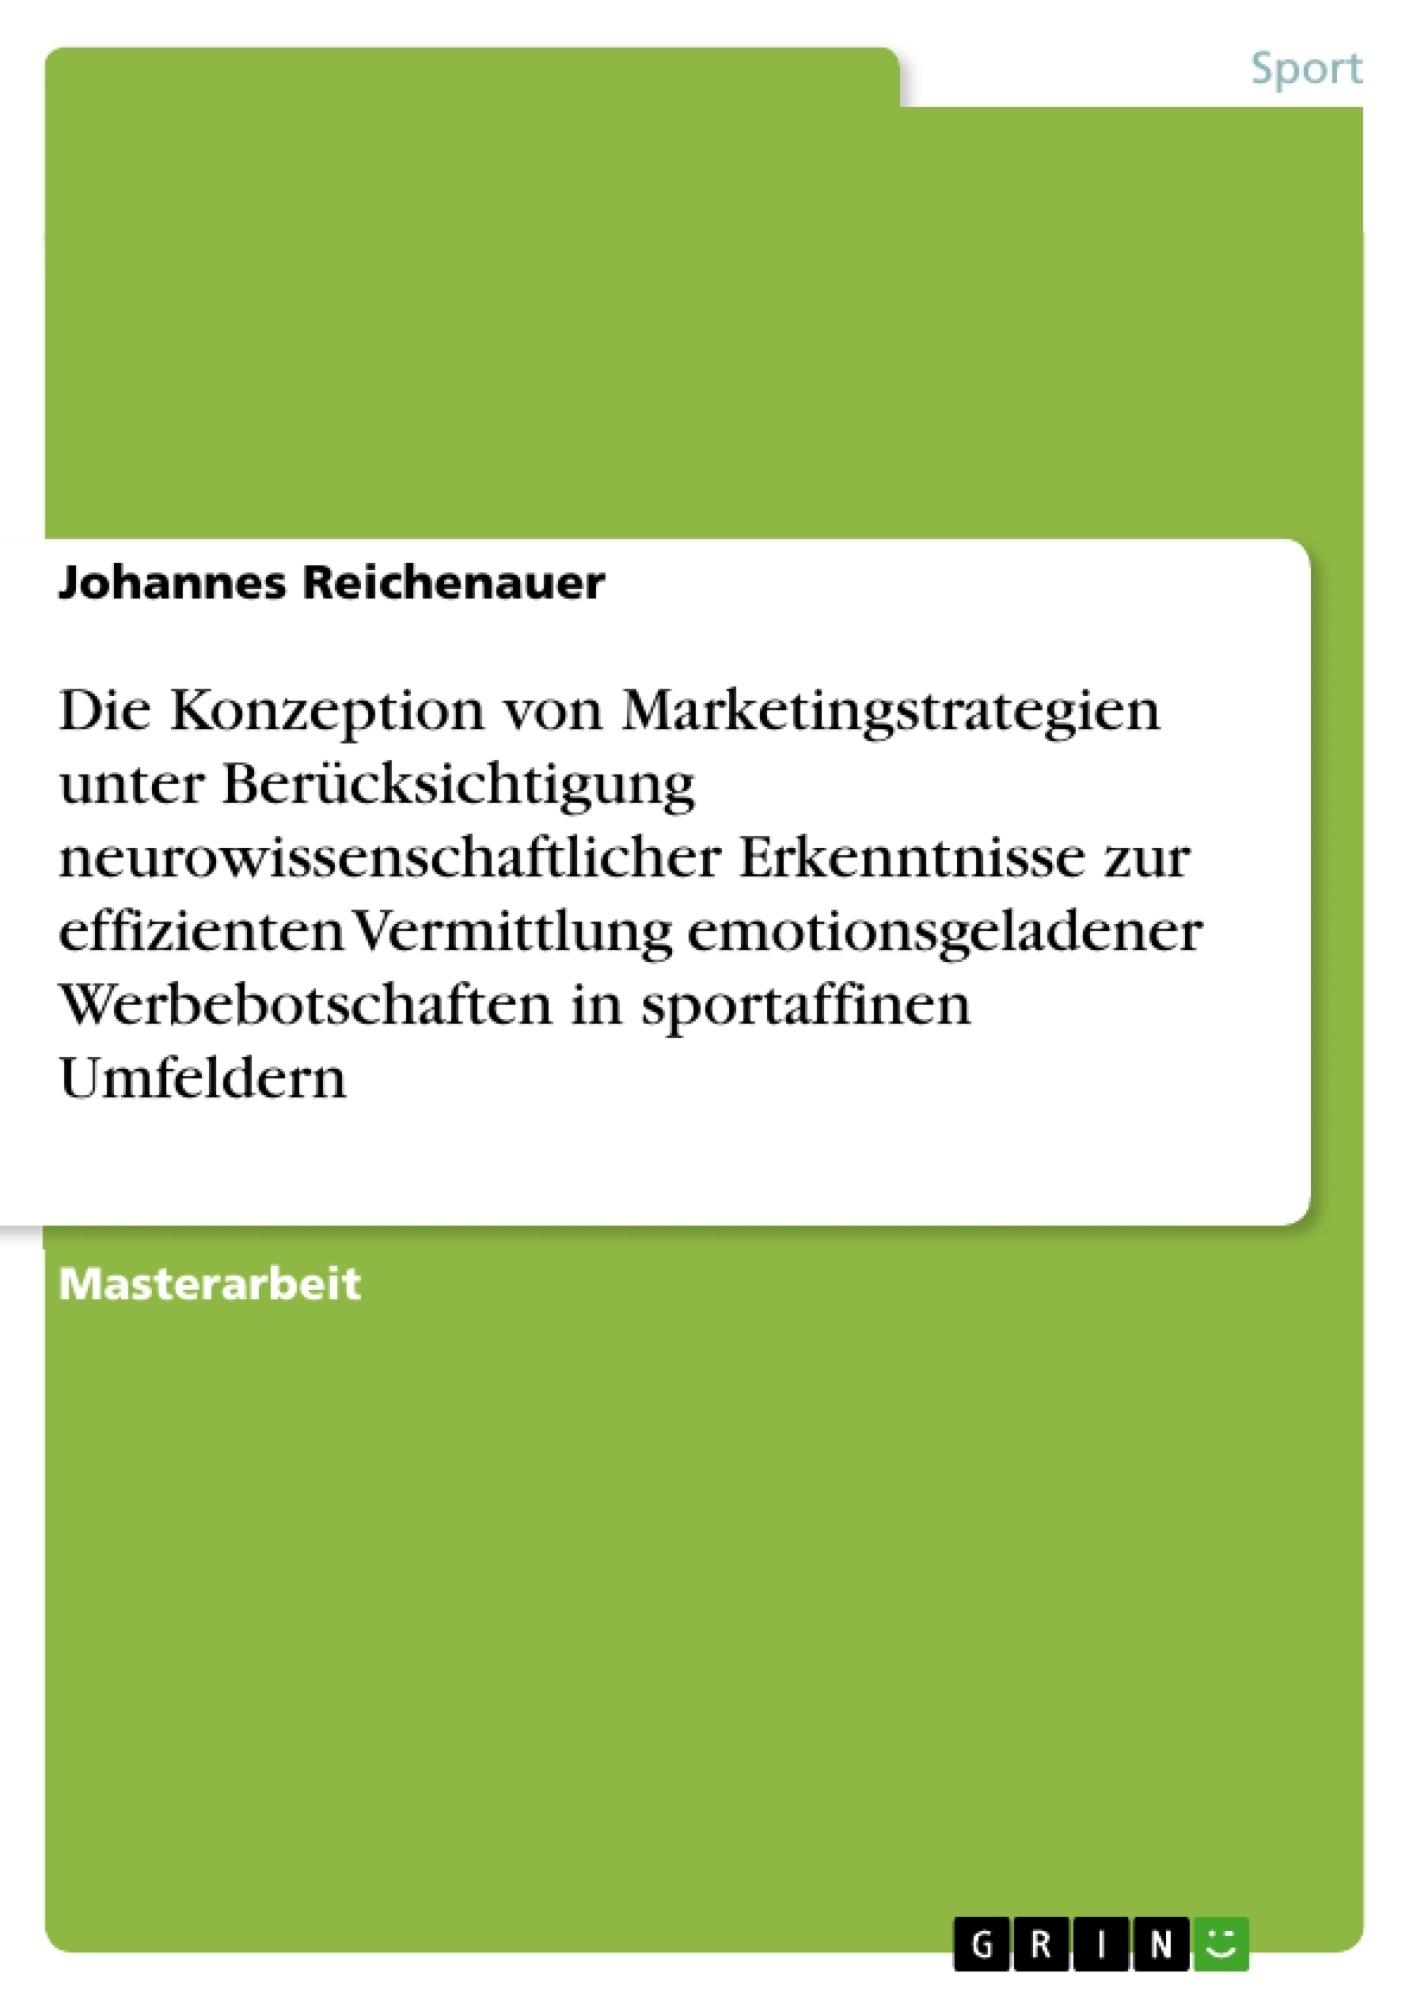 Titel: Die Konzeption von Marketingstrategien unter Berücksichtigung neurowissenschaftlicher Erkenntnisse zur effizienten Vermittlung emotionsgeladener Werbebotschaften in sportaffinen Umfeldern